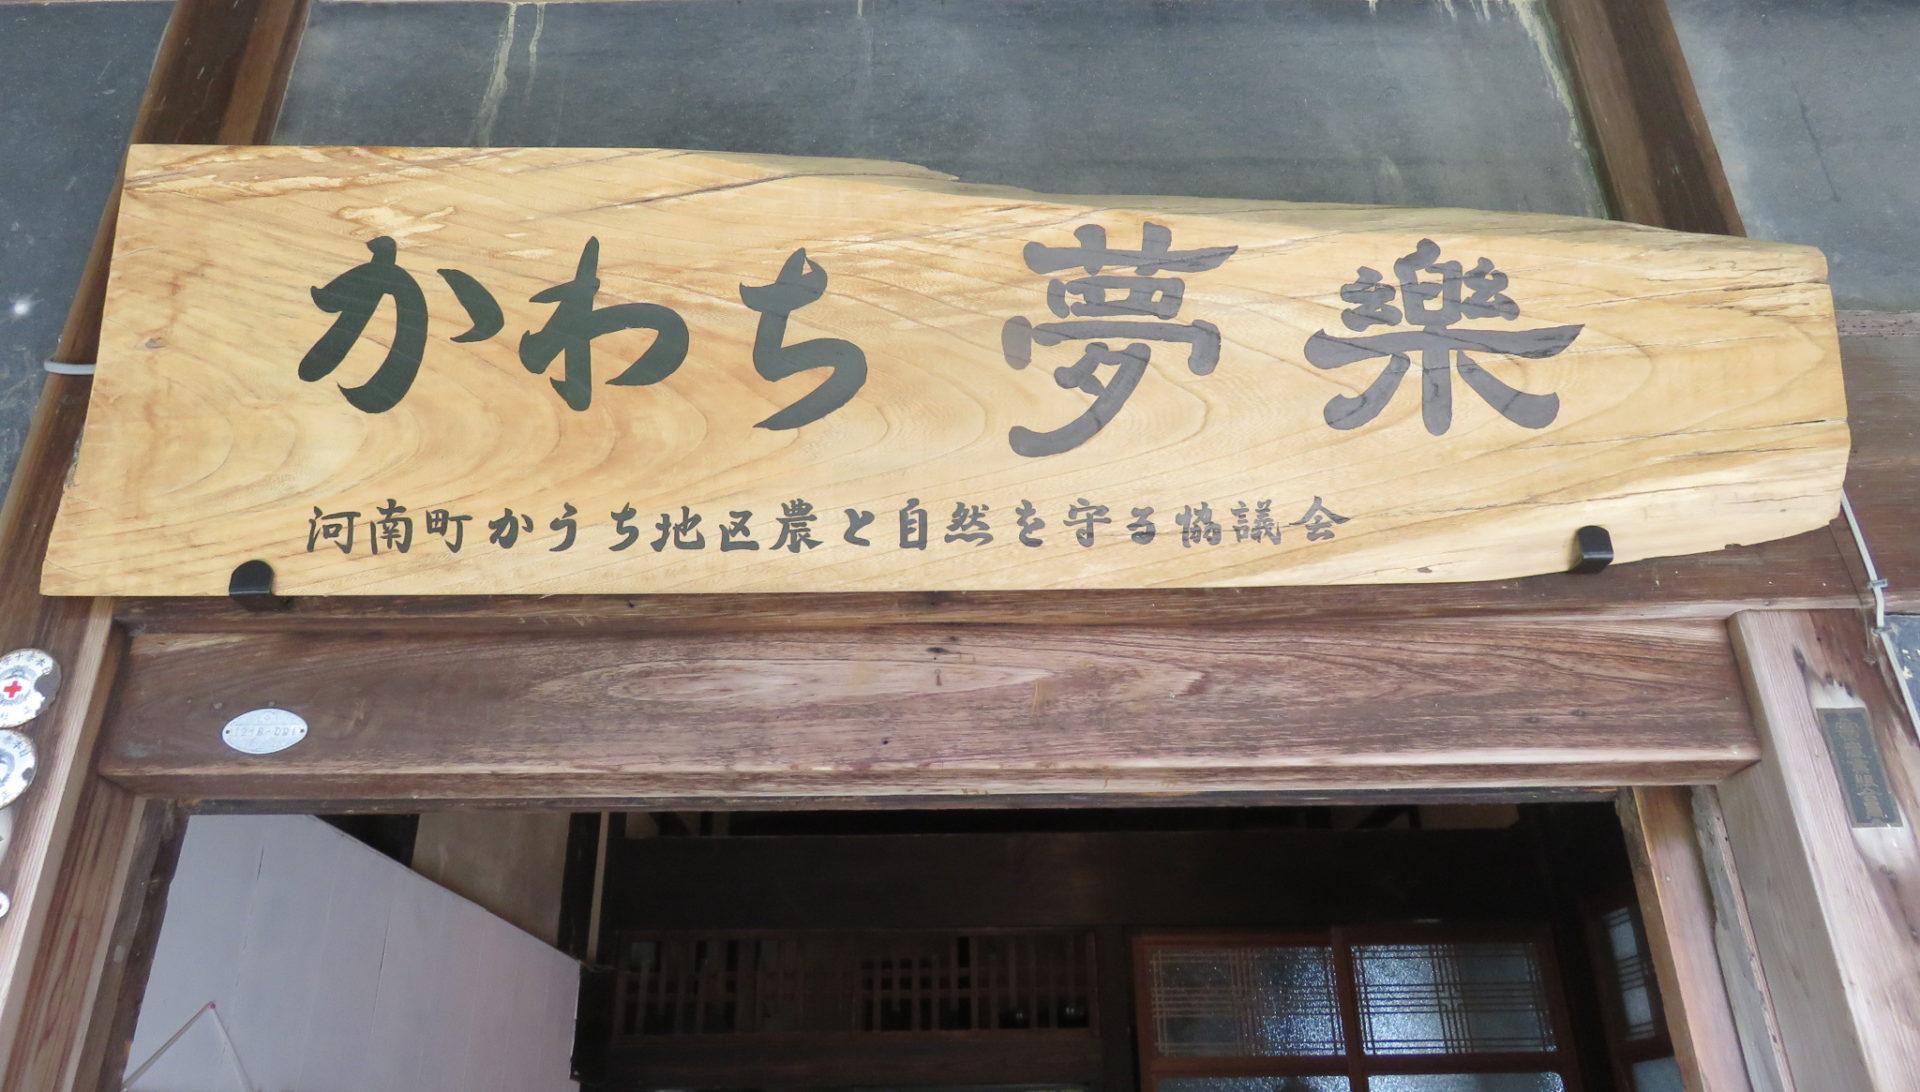 【イベント情報】米粉を使ったお菓子作り体験(かまど炊きご飯の昼食付) 7月20日(土)